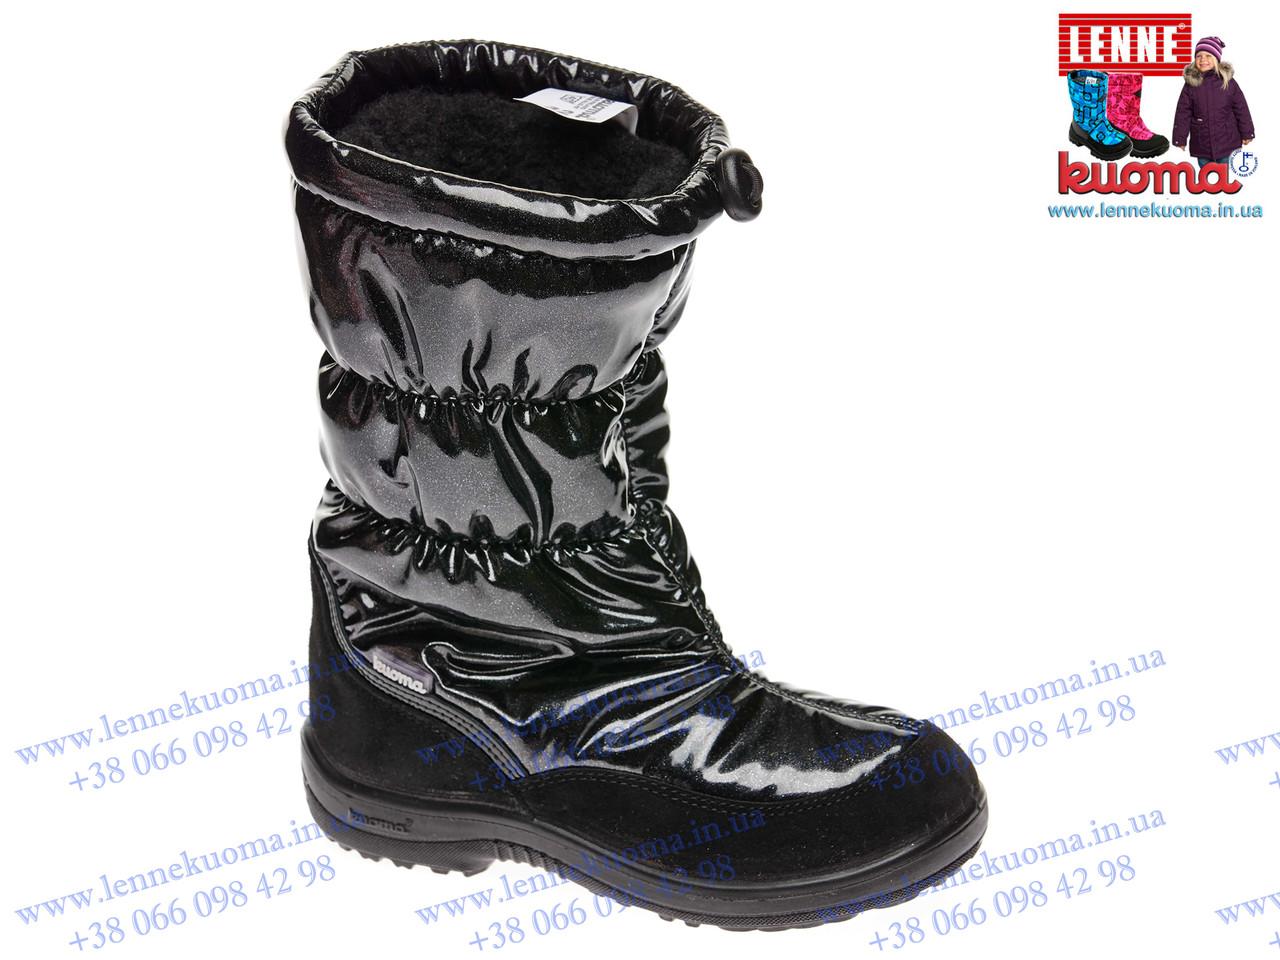 Зимние сапожки KUOMA Gloria Black для девочки. Размер 32 (20,8см)